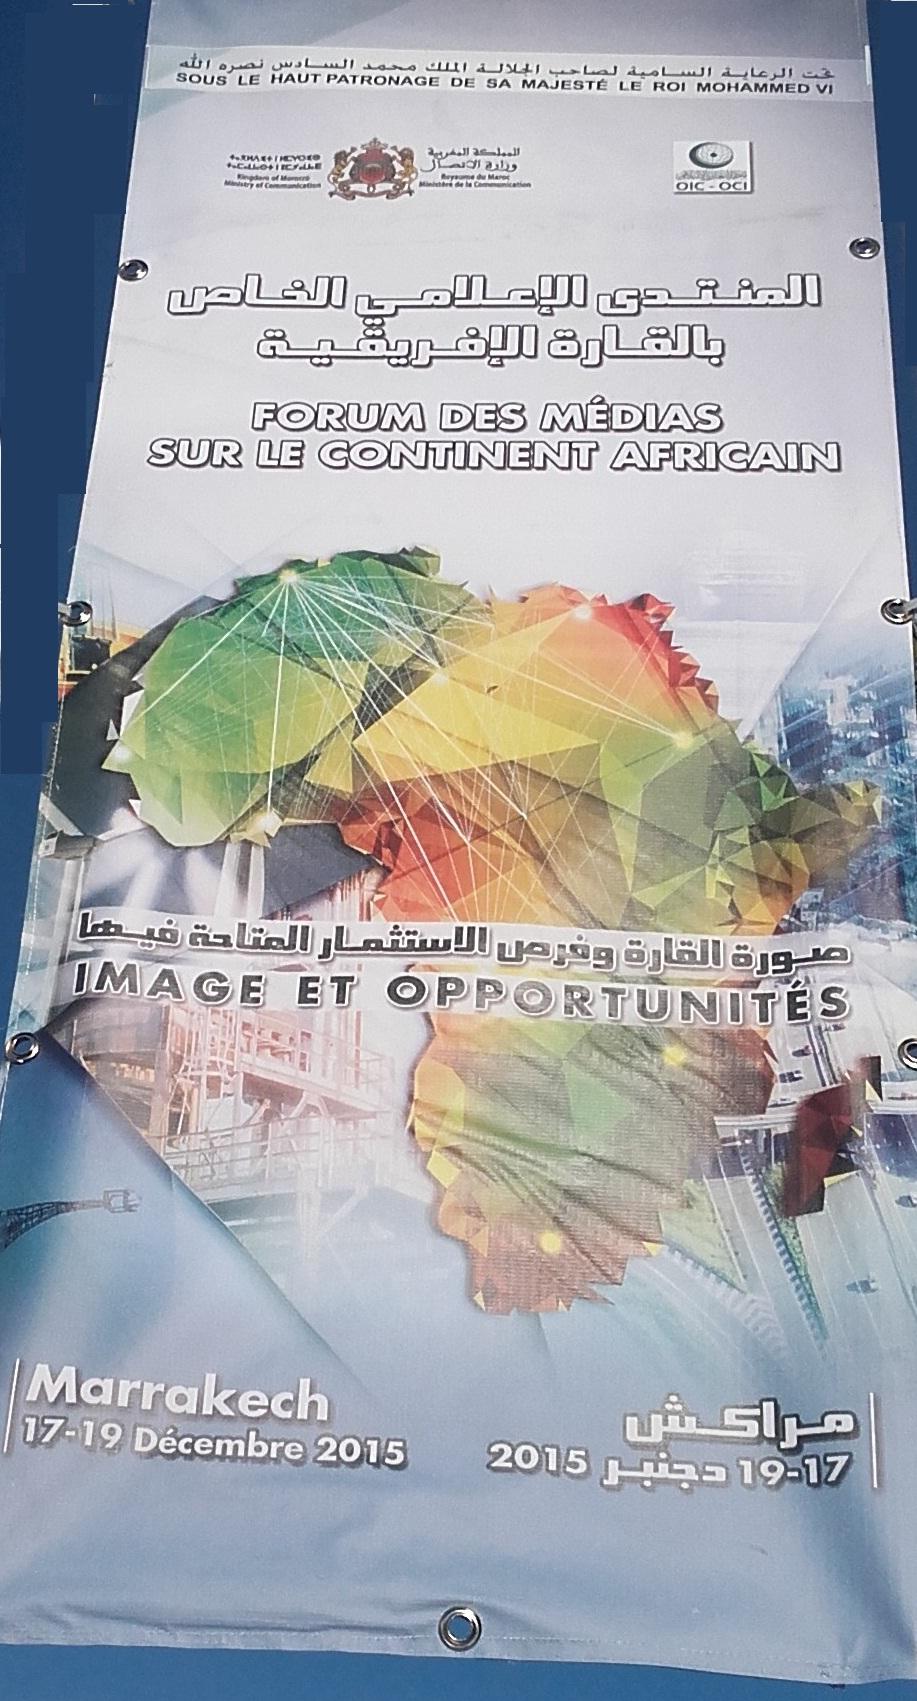 مراكش تحتضن المنتدى الإعلامي الخاص بالقارة الإفريقية : صورة القارة في العالم وفرص الاستثمار المتاحة فيها